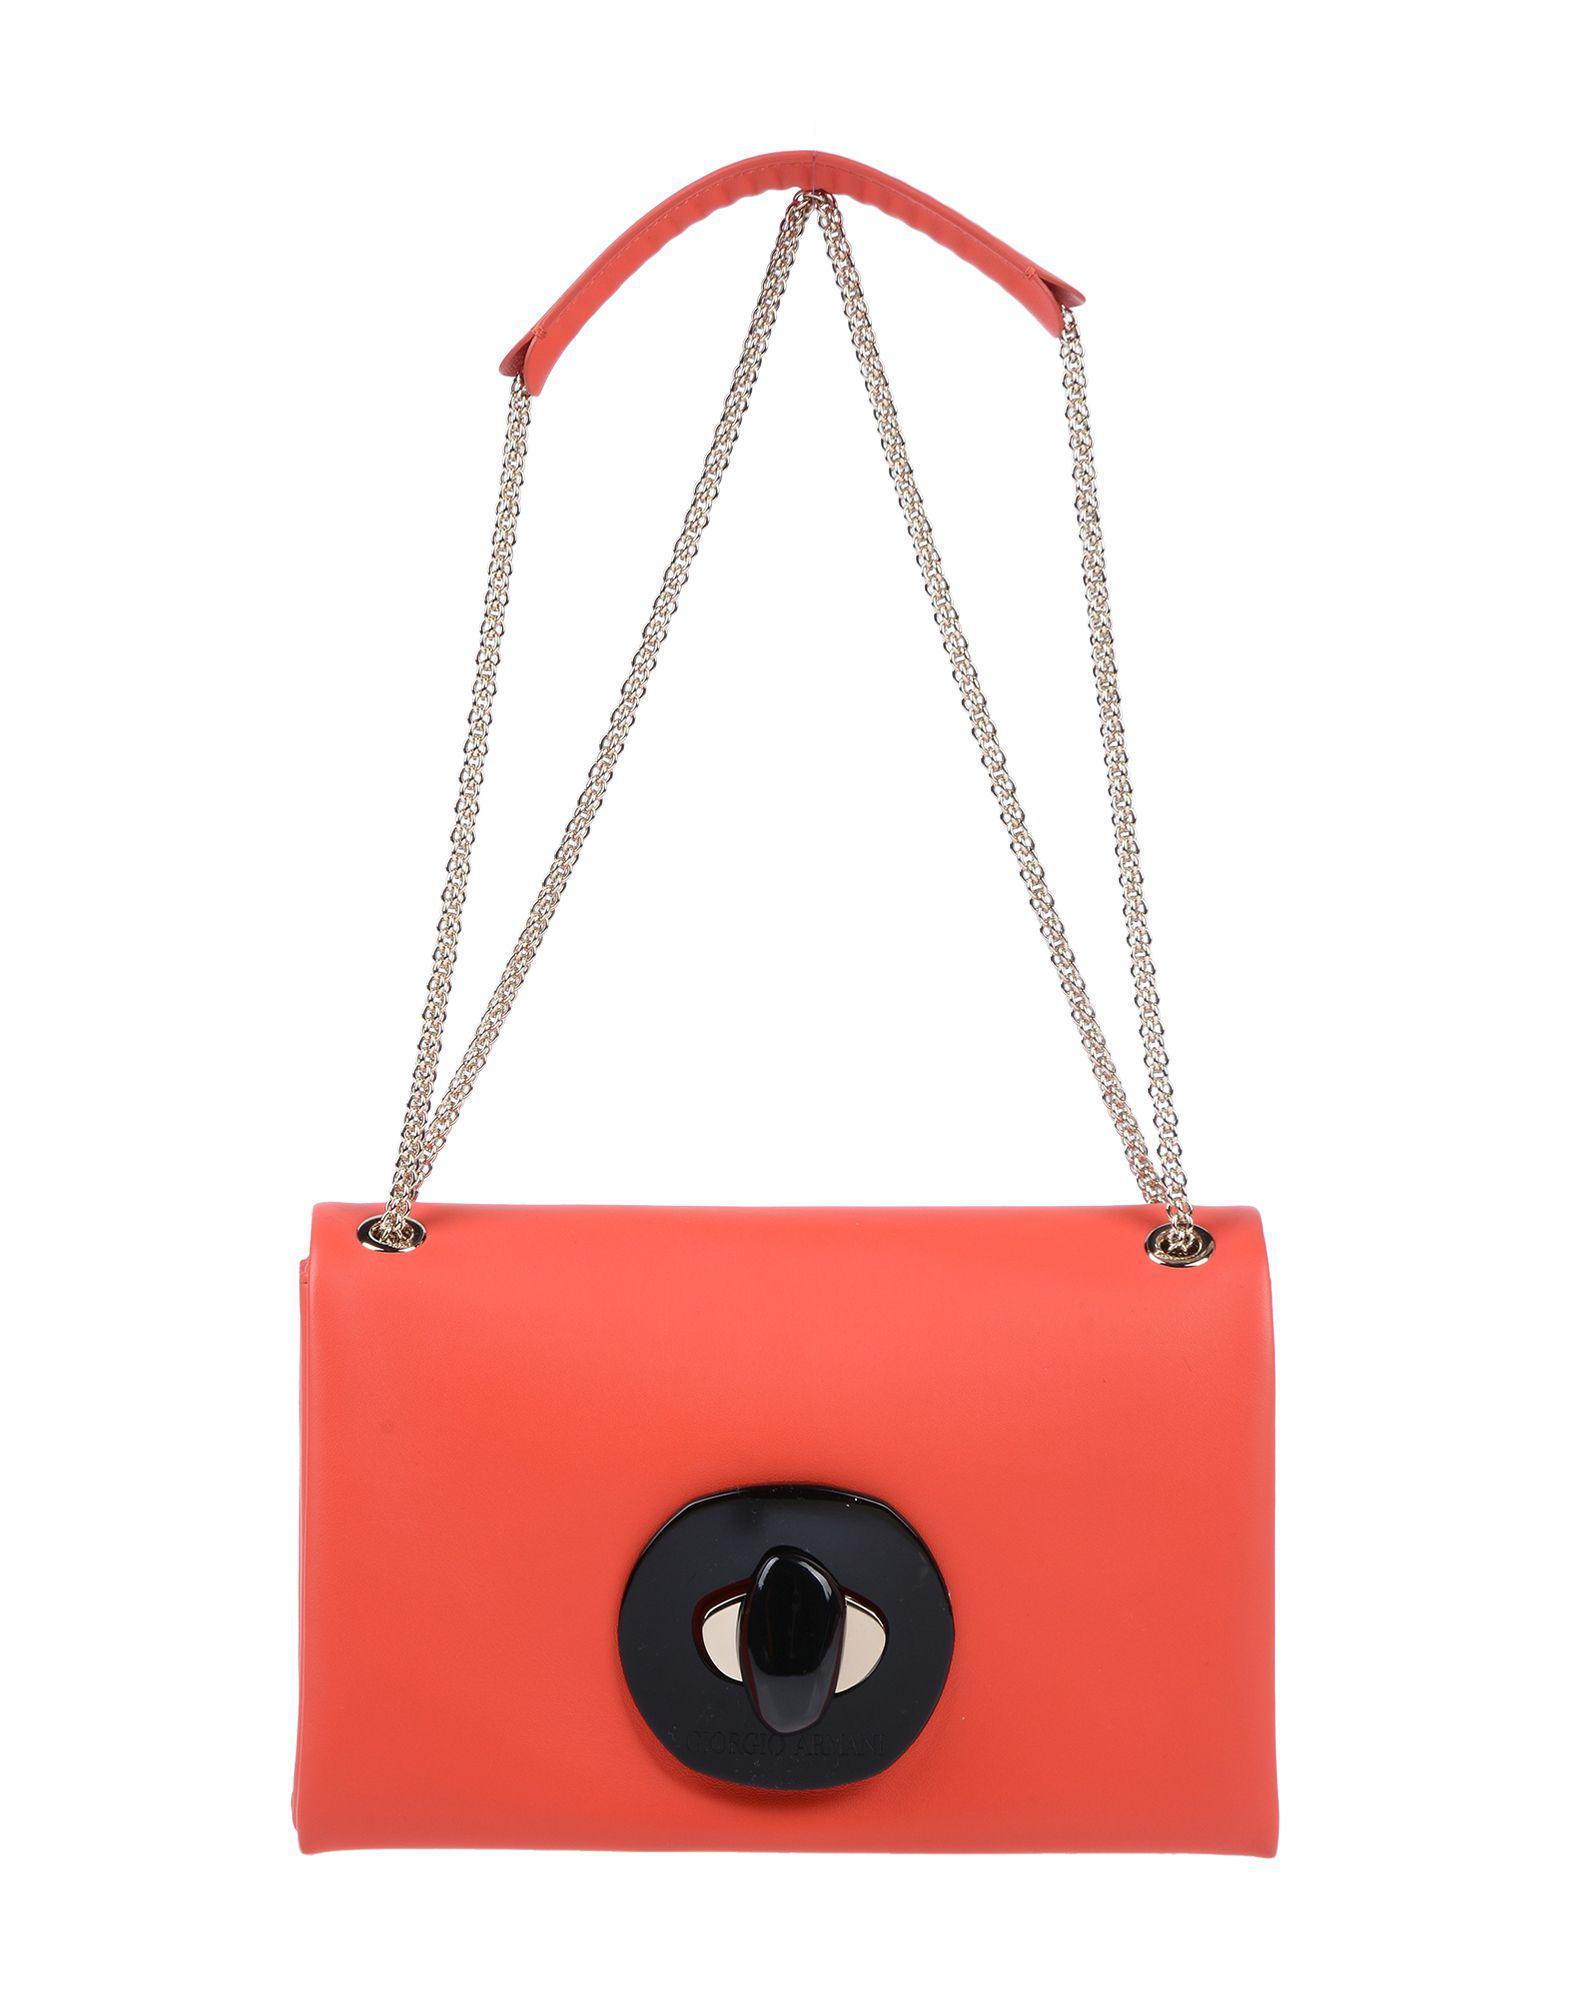 Lyst - Sac porté épaule Giorgio Armani en coloris Rouge db0d62503a2b